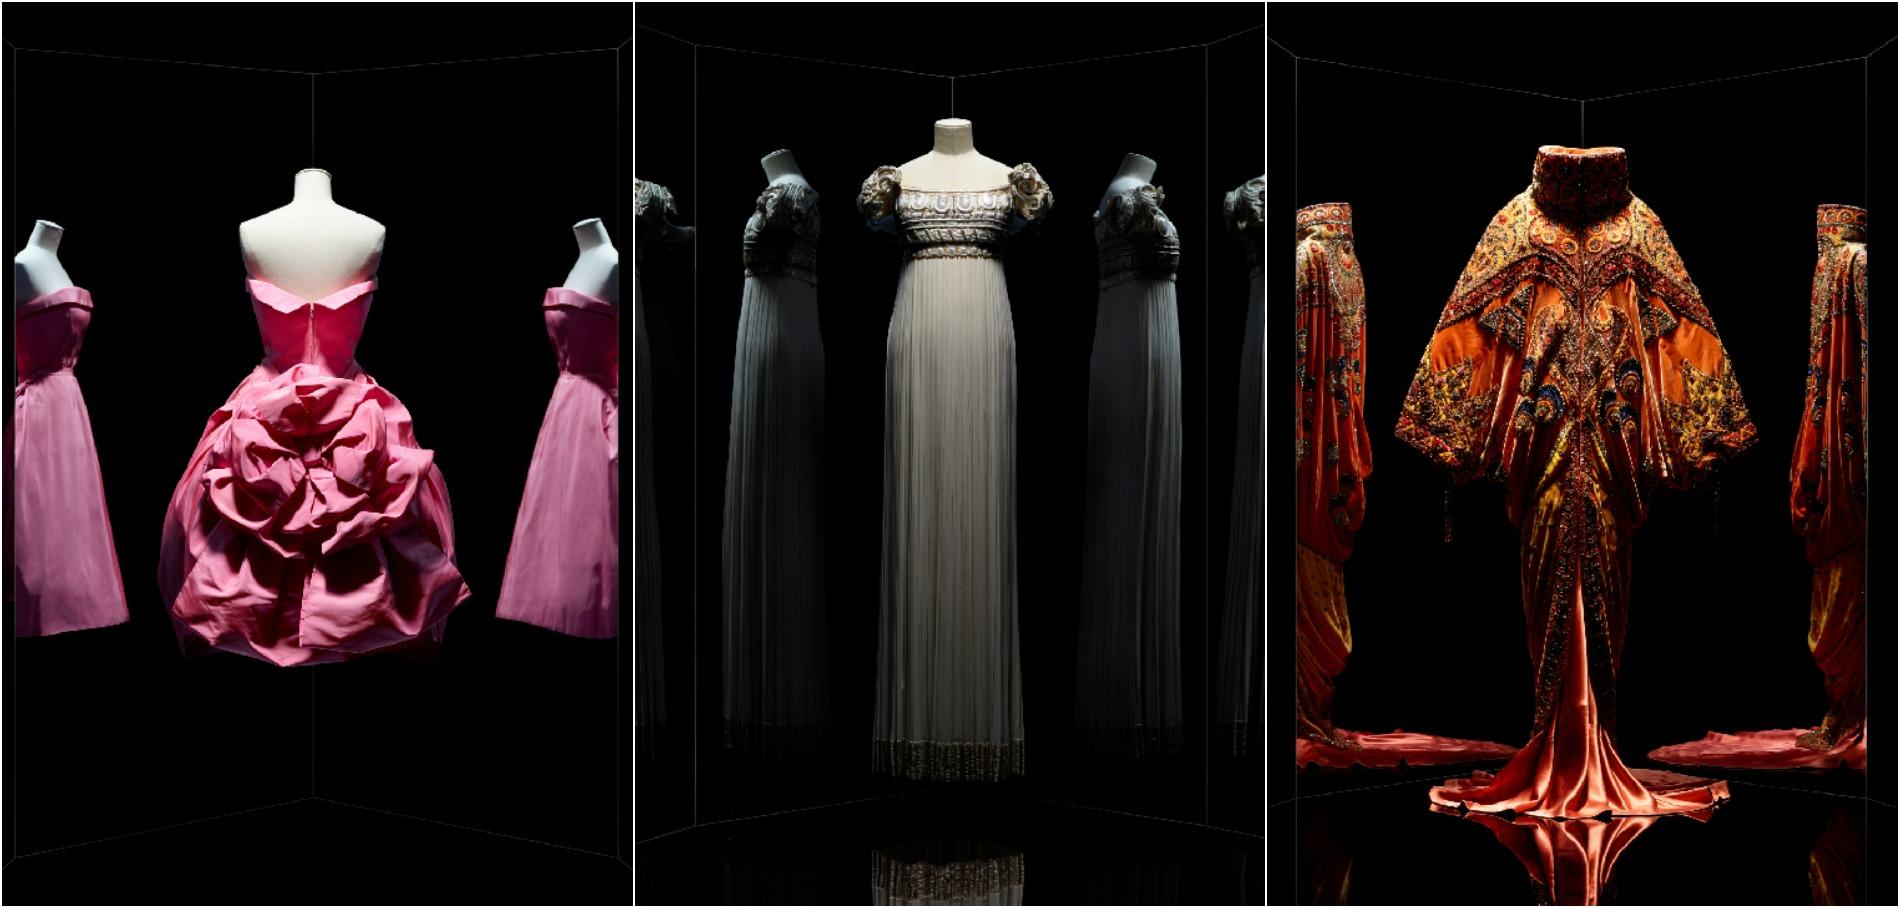 56177b63c596f6 5 июля 2017 года в Музее декоративно-прикладного искусства в Лувре  открывается грандиозная ретроспектива Christian Dior, Couturier du Reve,  приуроченная к ...